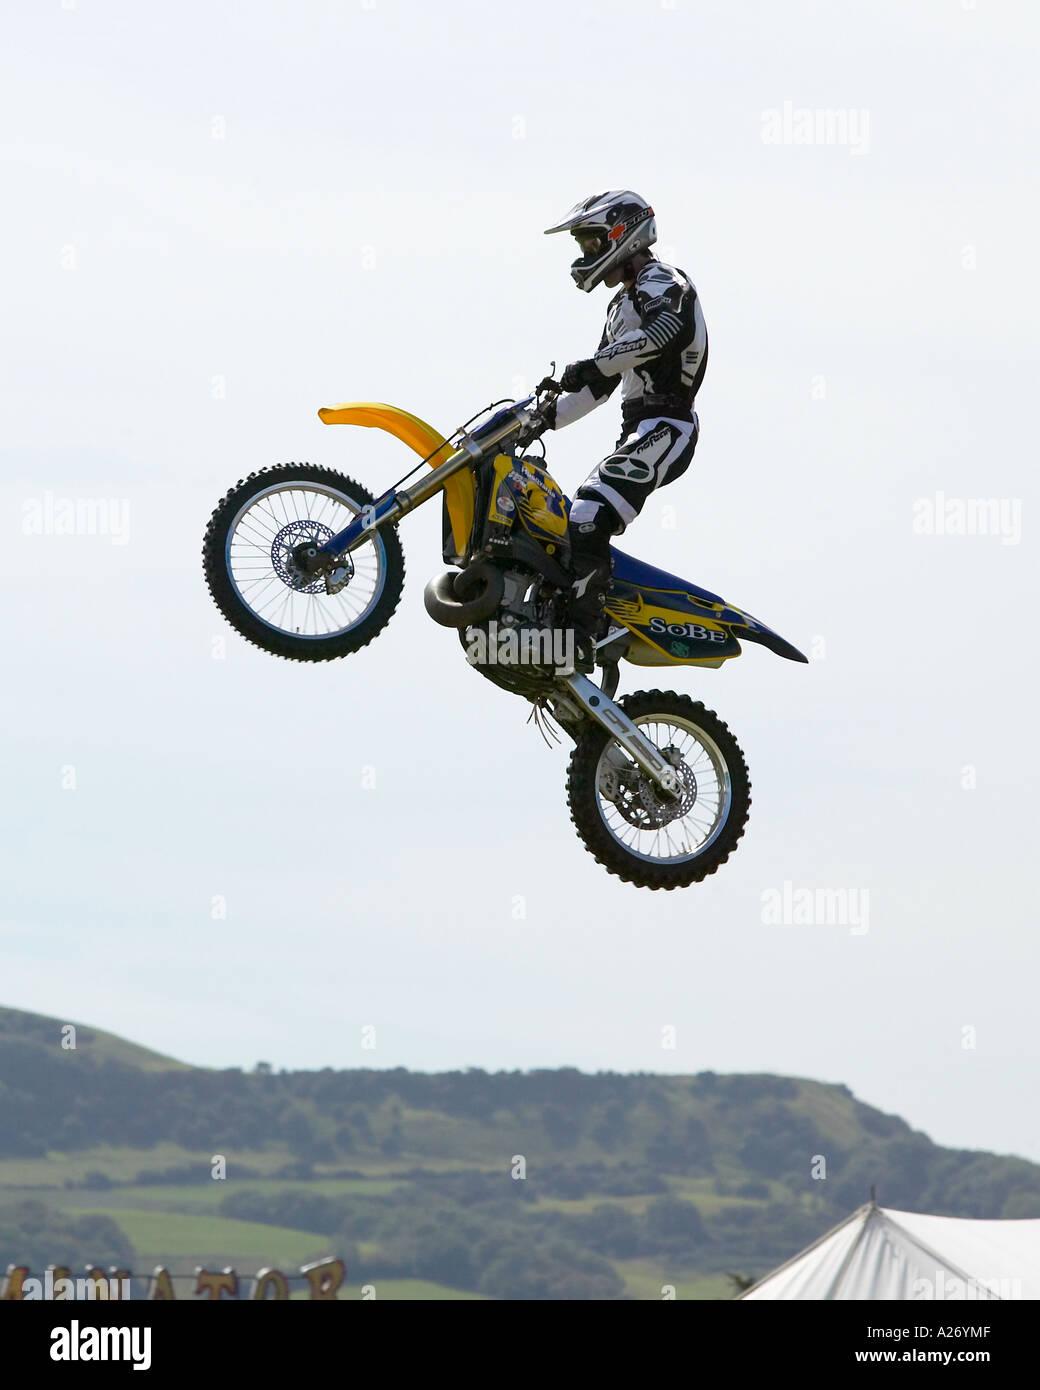 Motorcross Daredevil - Stock Image